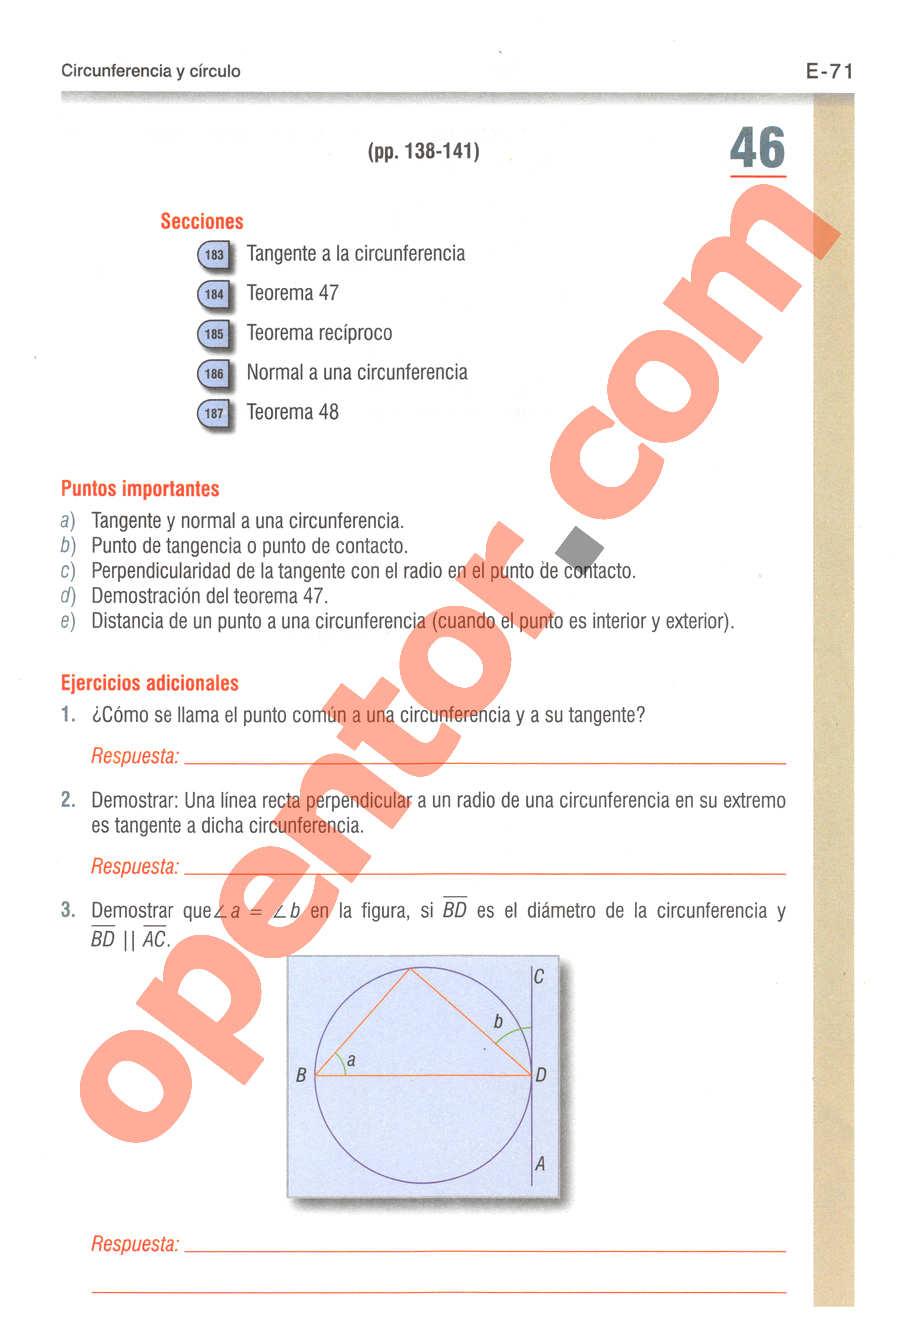 Geometría y Trigonometría de Baldor - Página E71